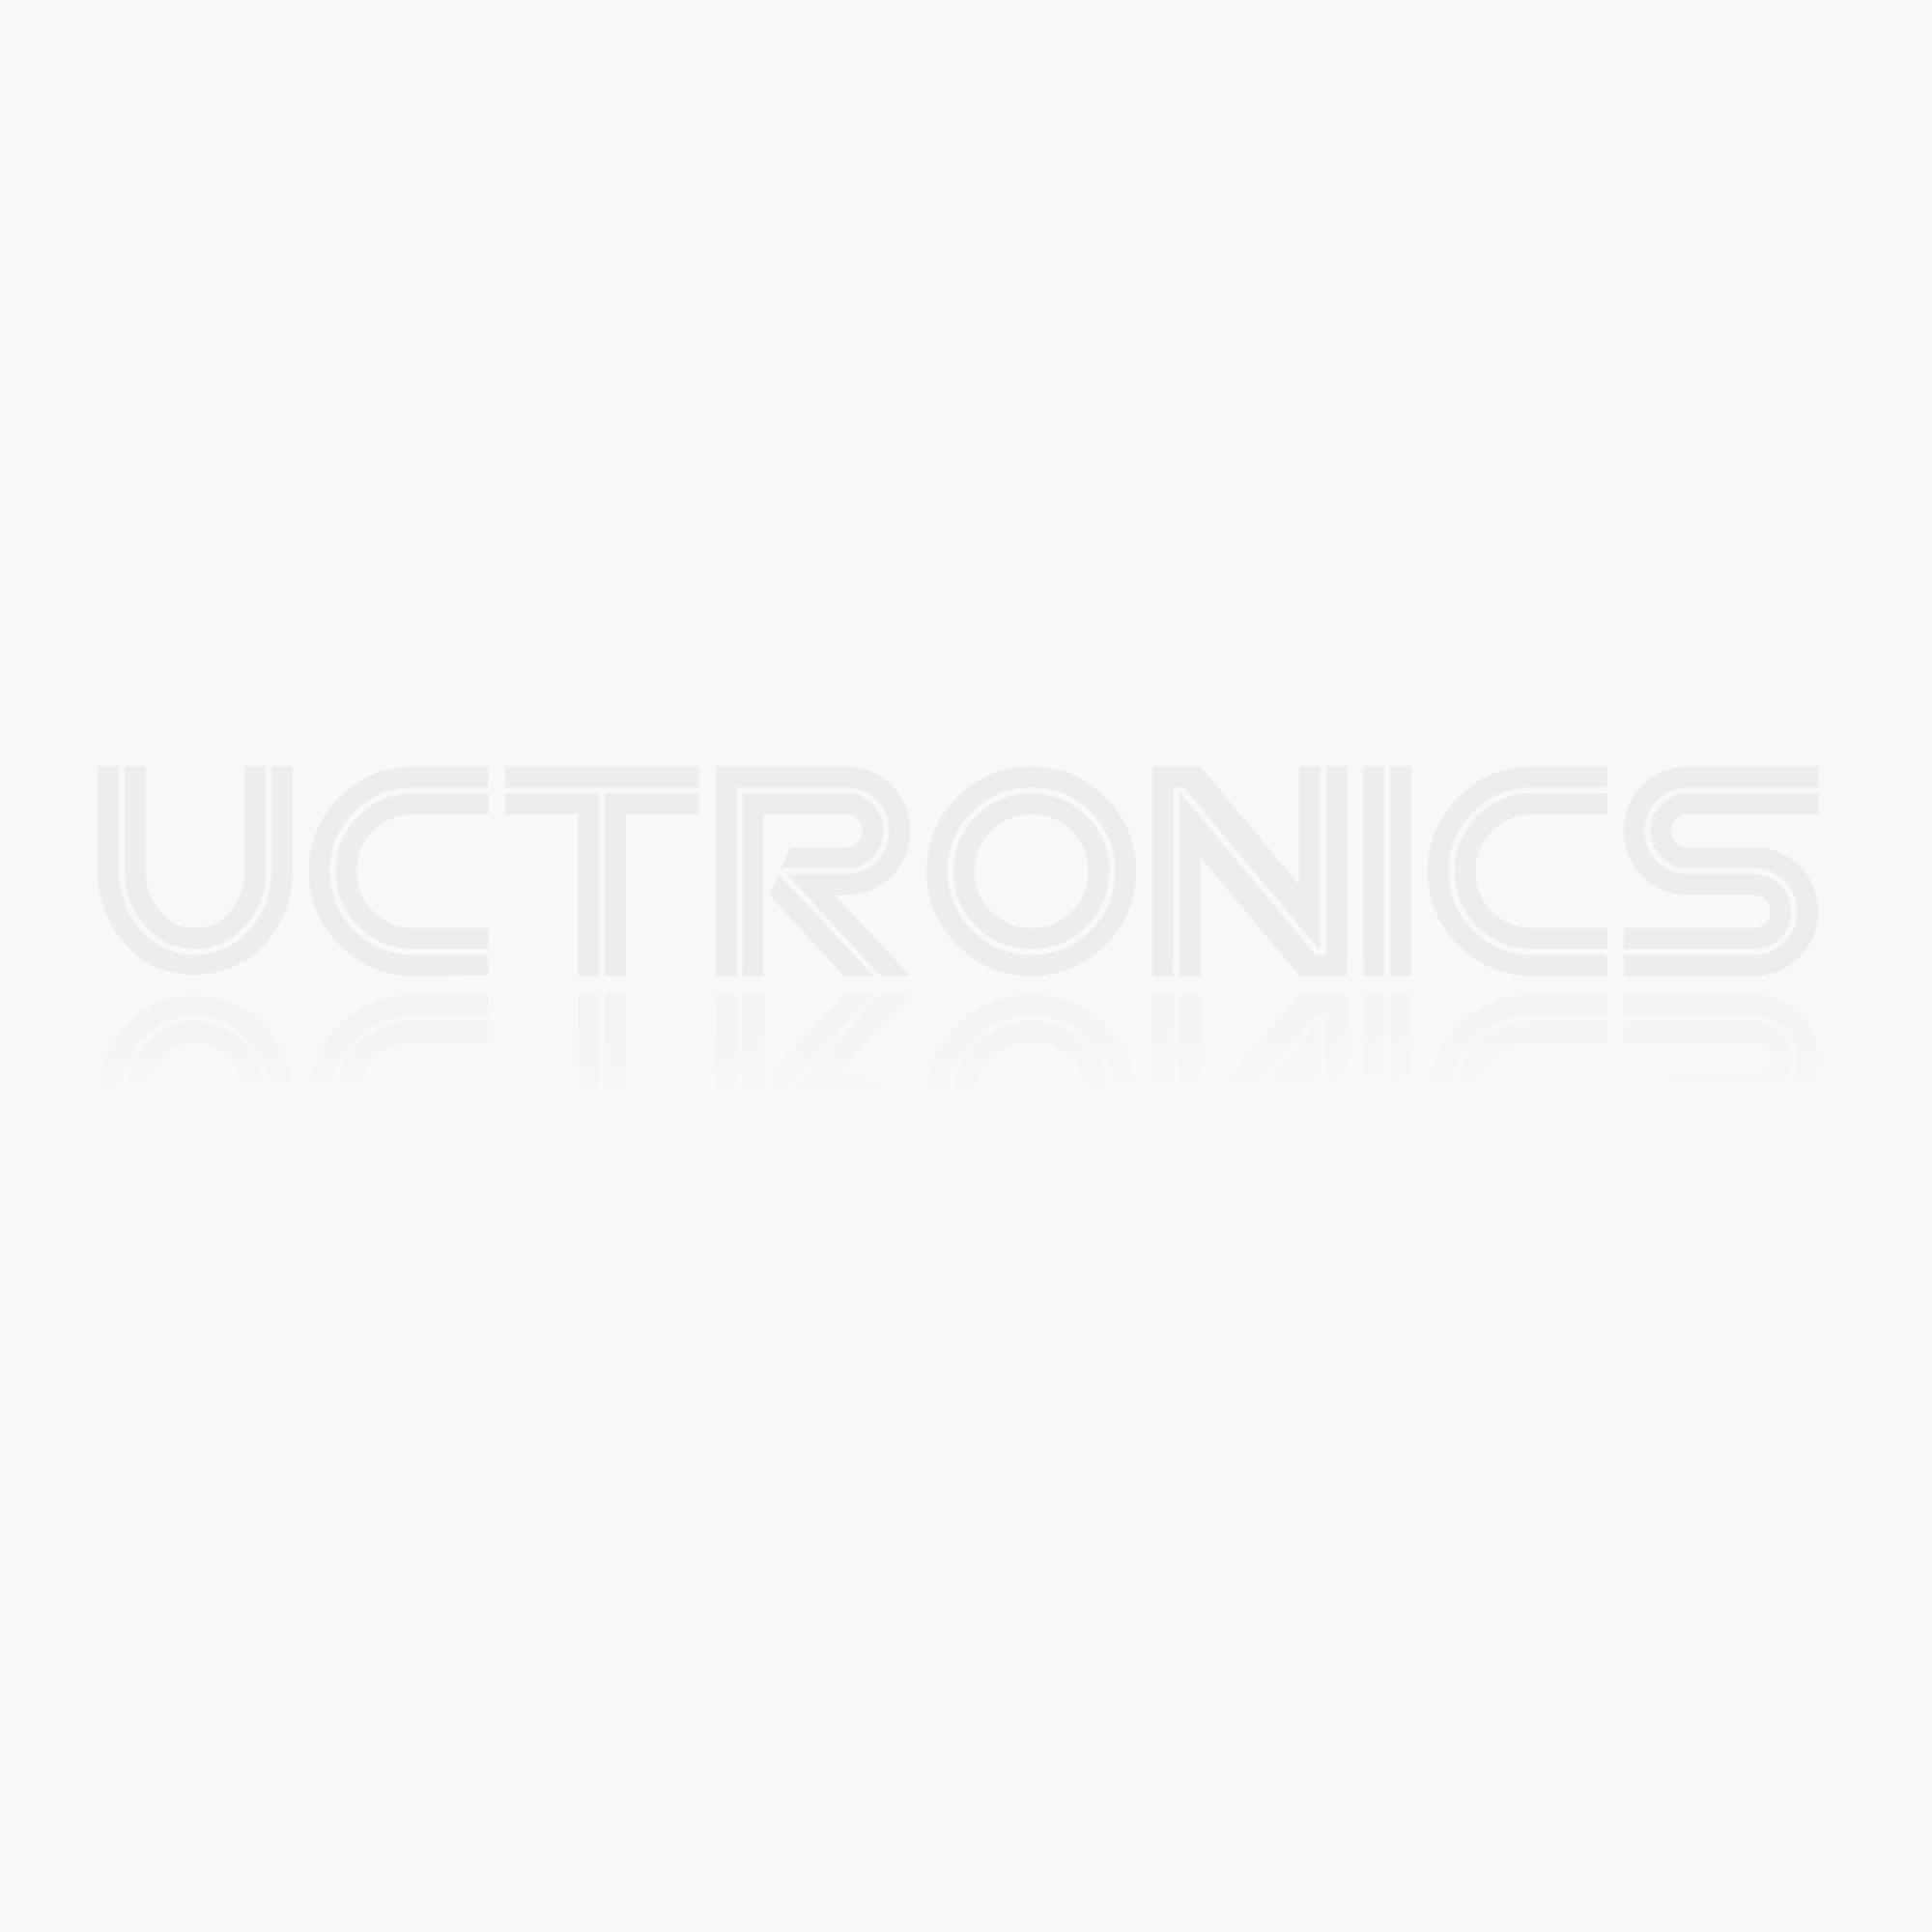 V18D Digital DC 2.5-30V Voltage Meter Blue Self-Powered